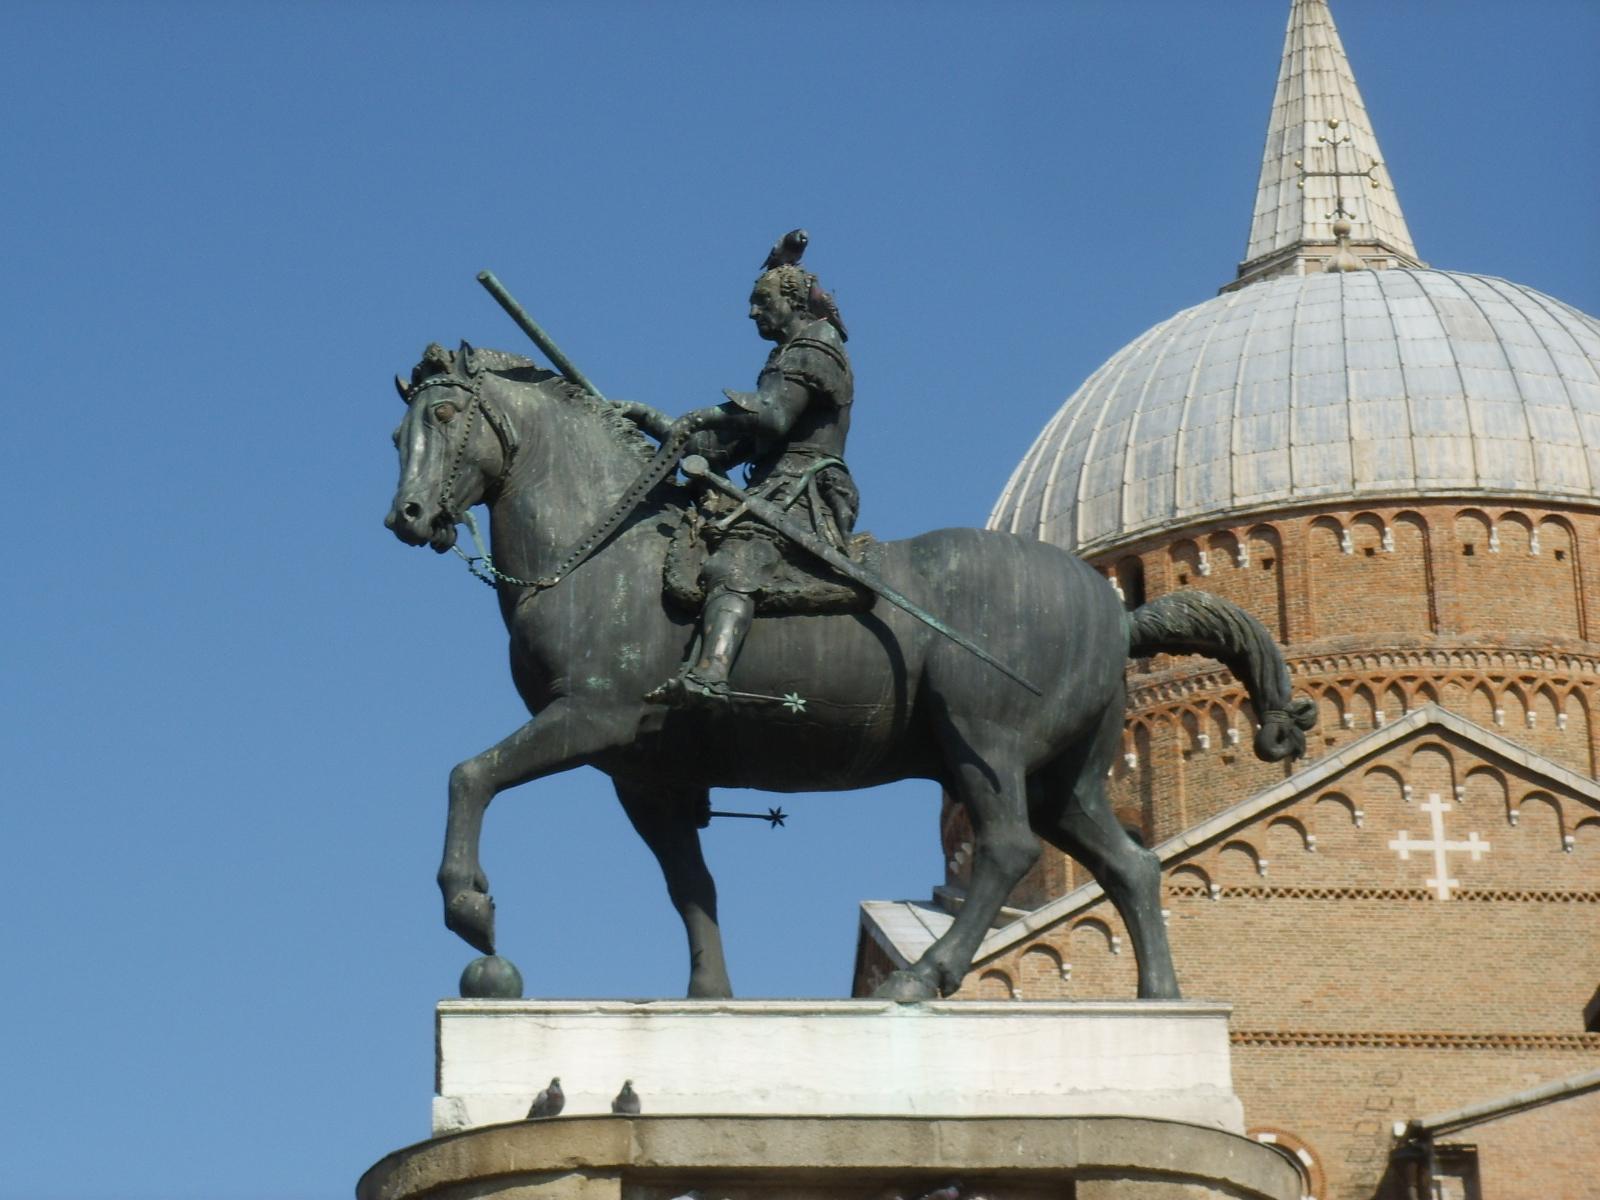 http://upload.wikimedia.org/wikipedia/commons/0/00/Donatello,_Monumento_equestre_al_Gattamelata_04.JPG